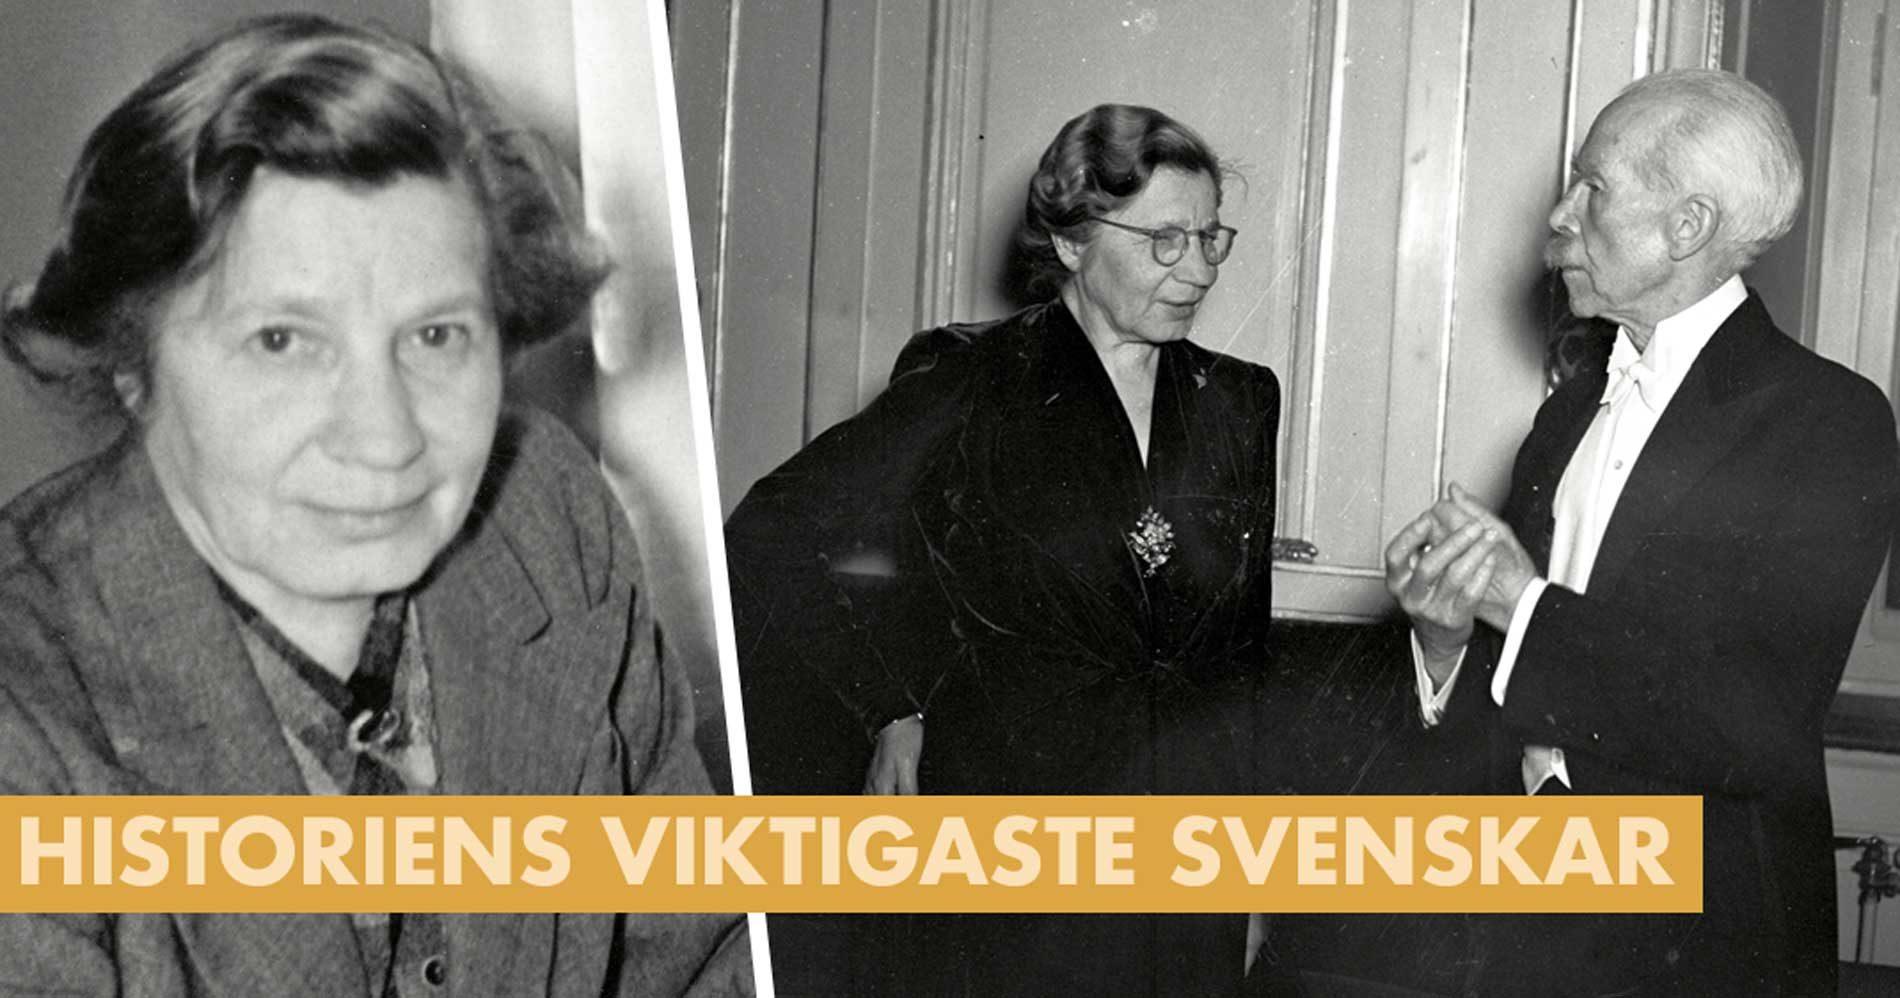 Så slogs Elin Wägner för kvinnornas rättigheter